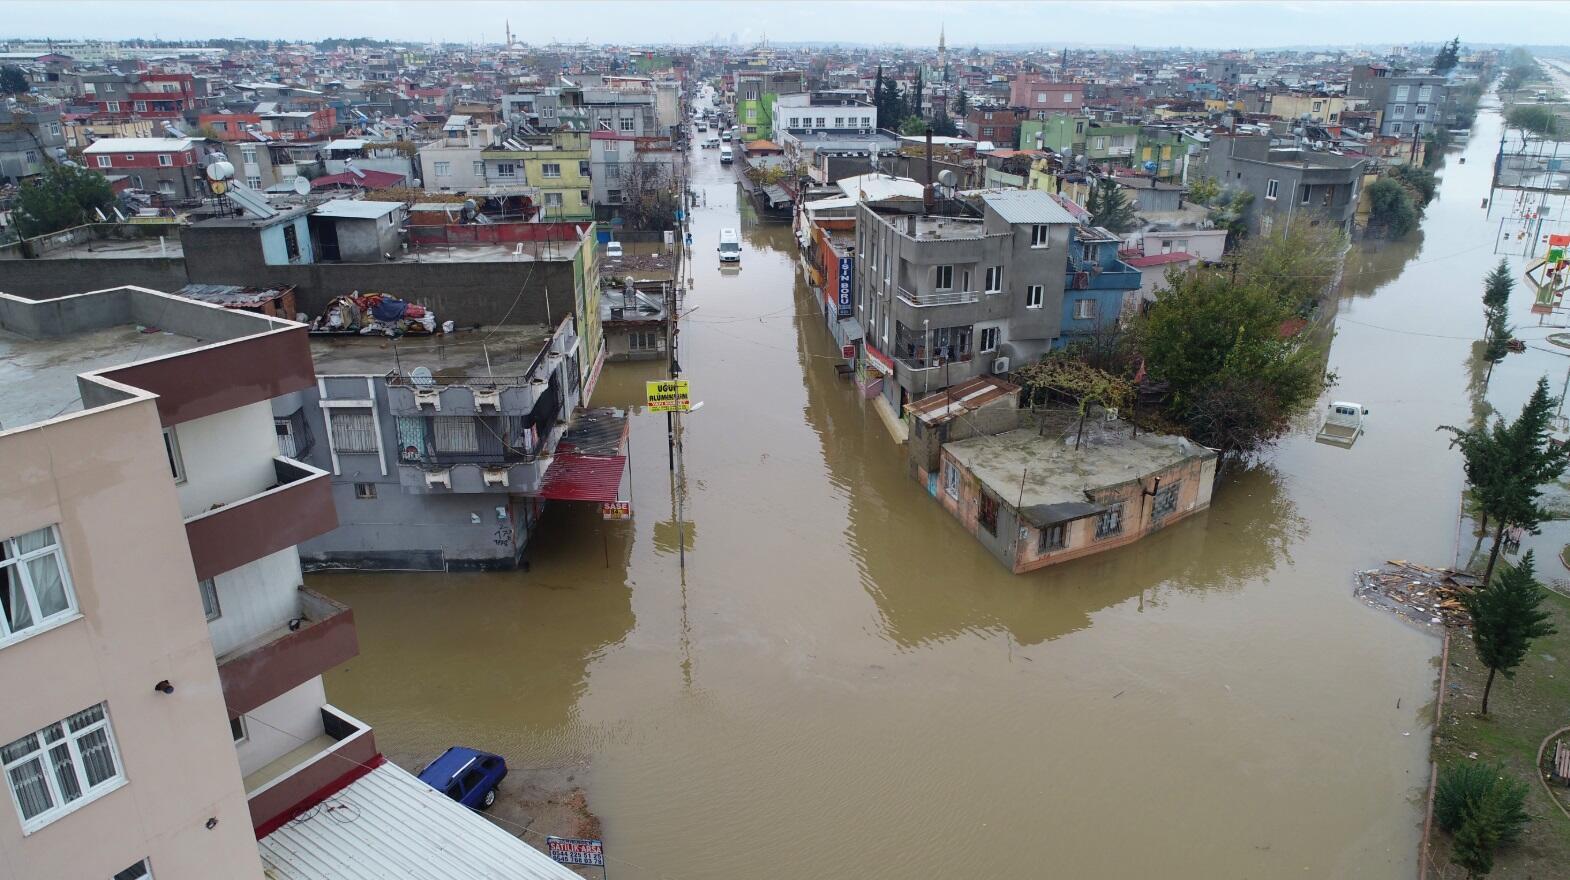 Suite aux Inondations en Turquie : Le Secrétaire Général de l